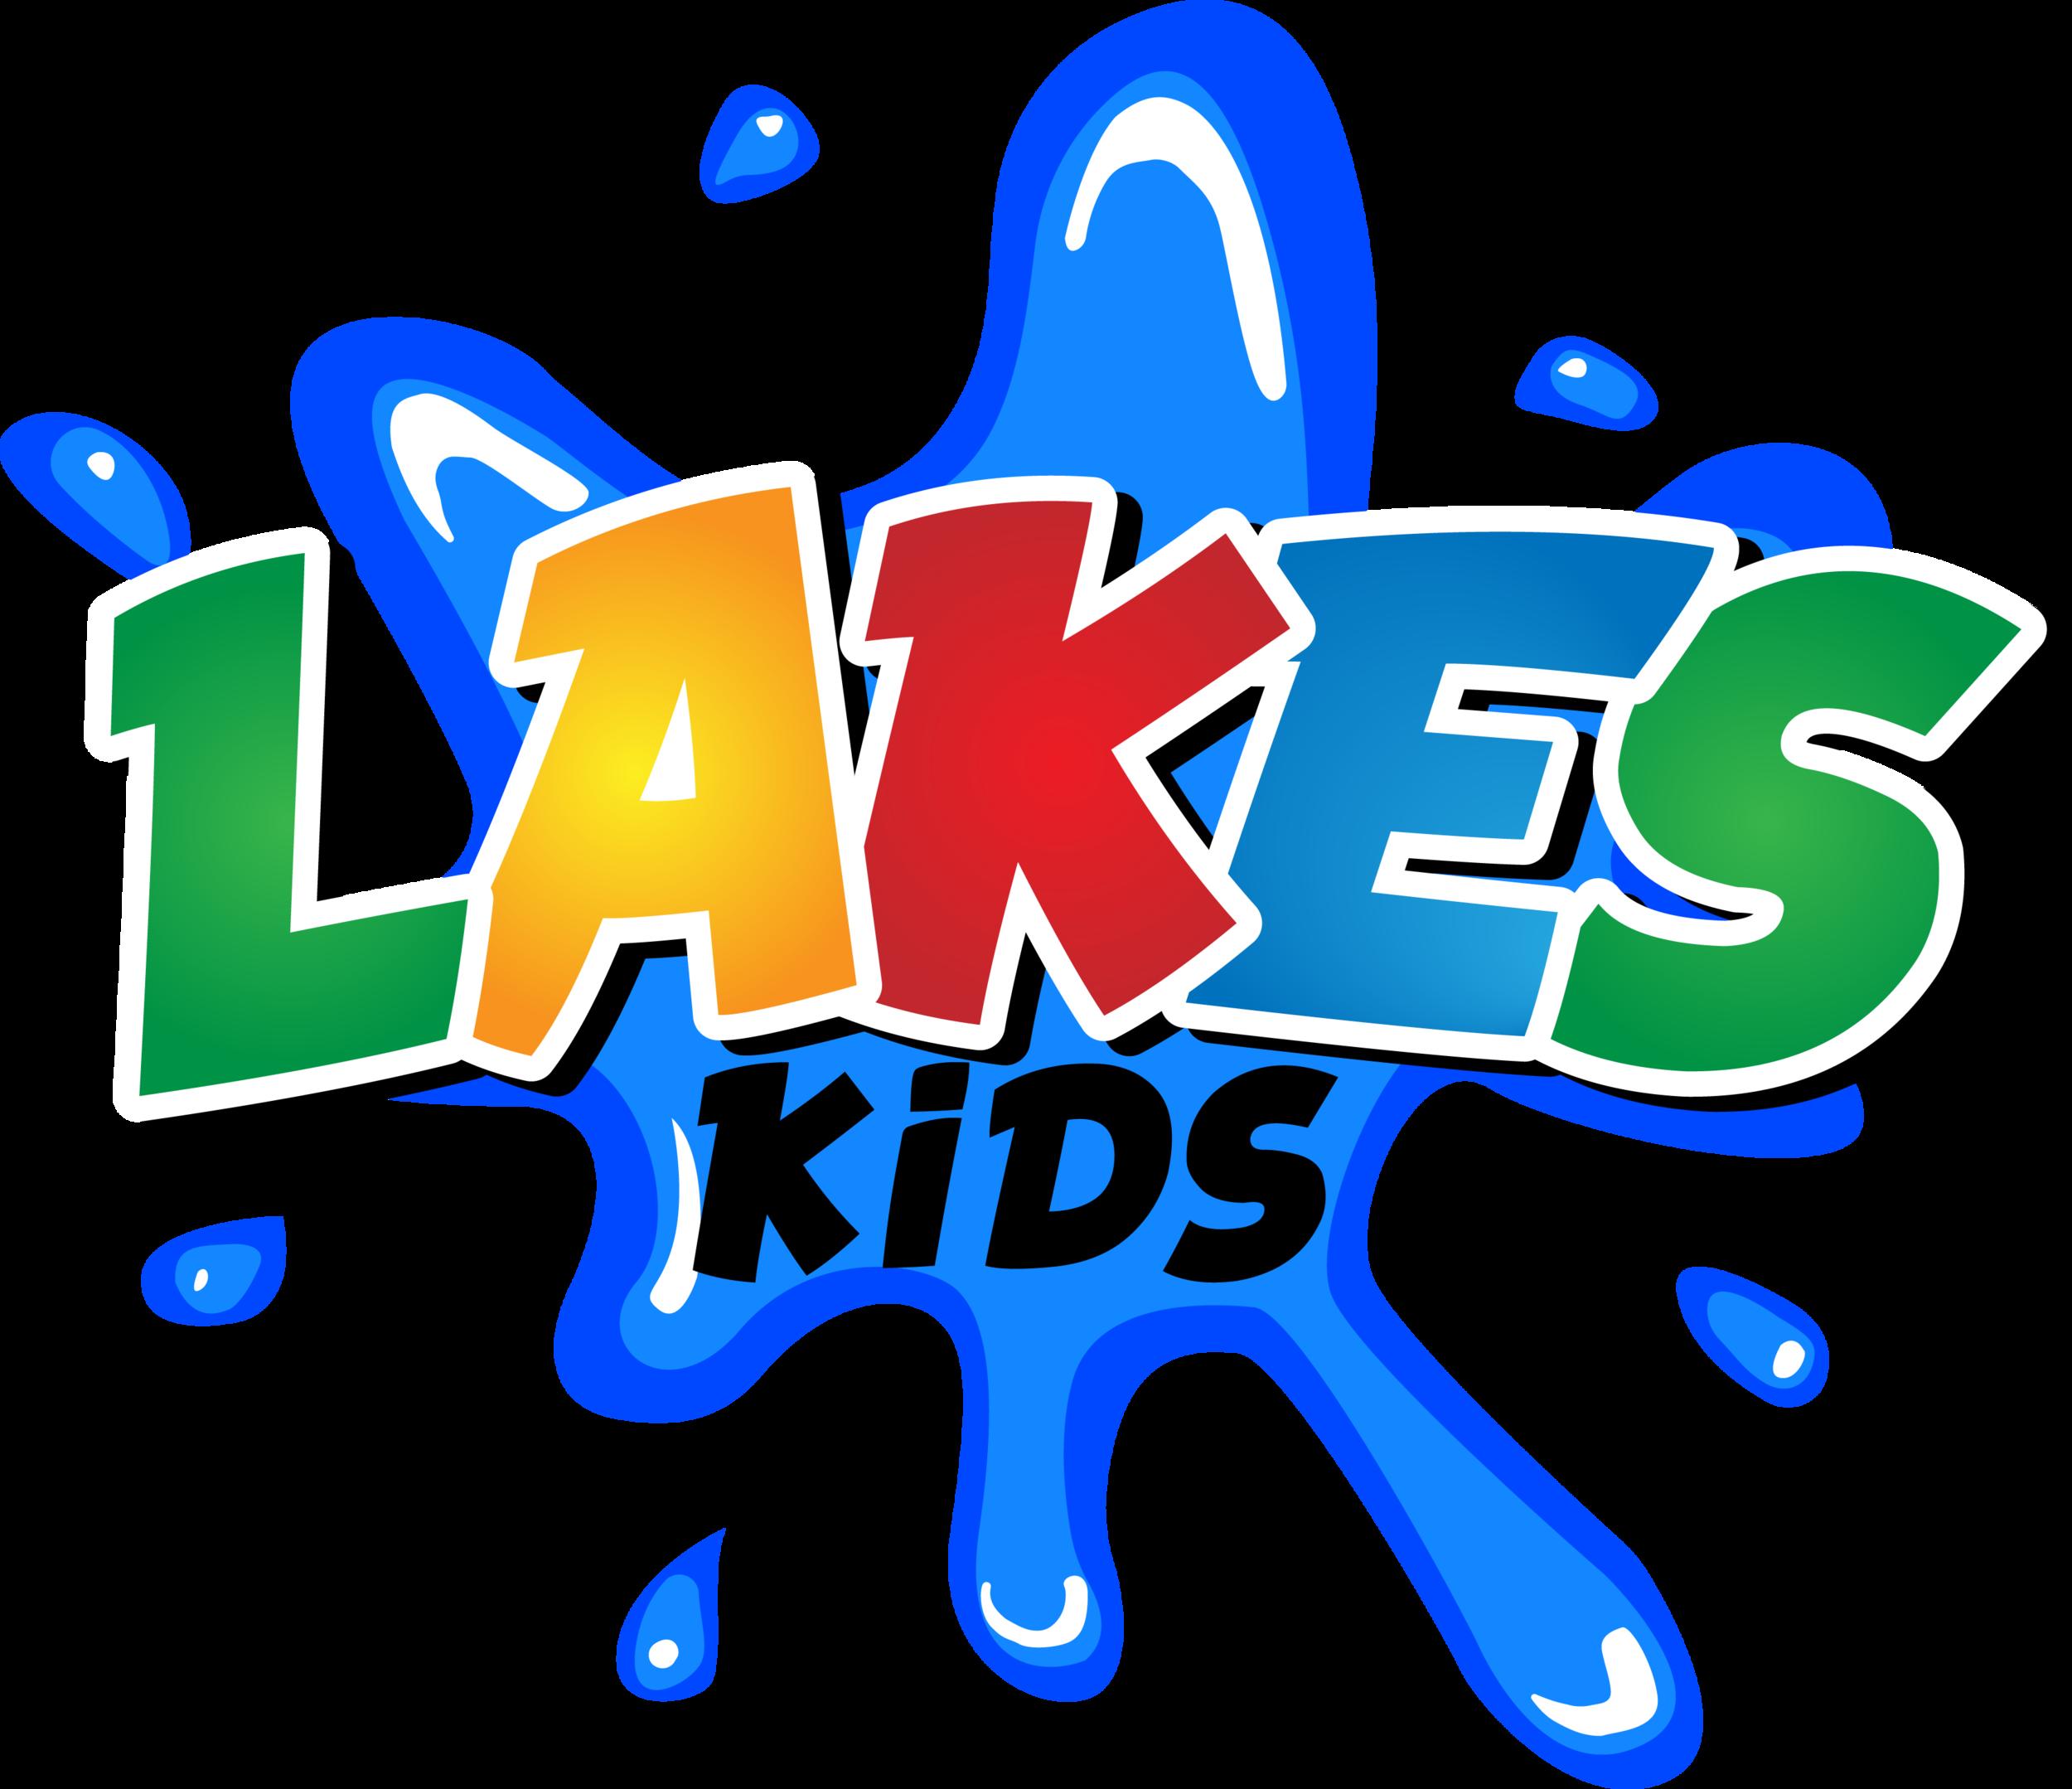 Lakes Kids Logo.png